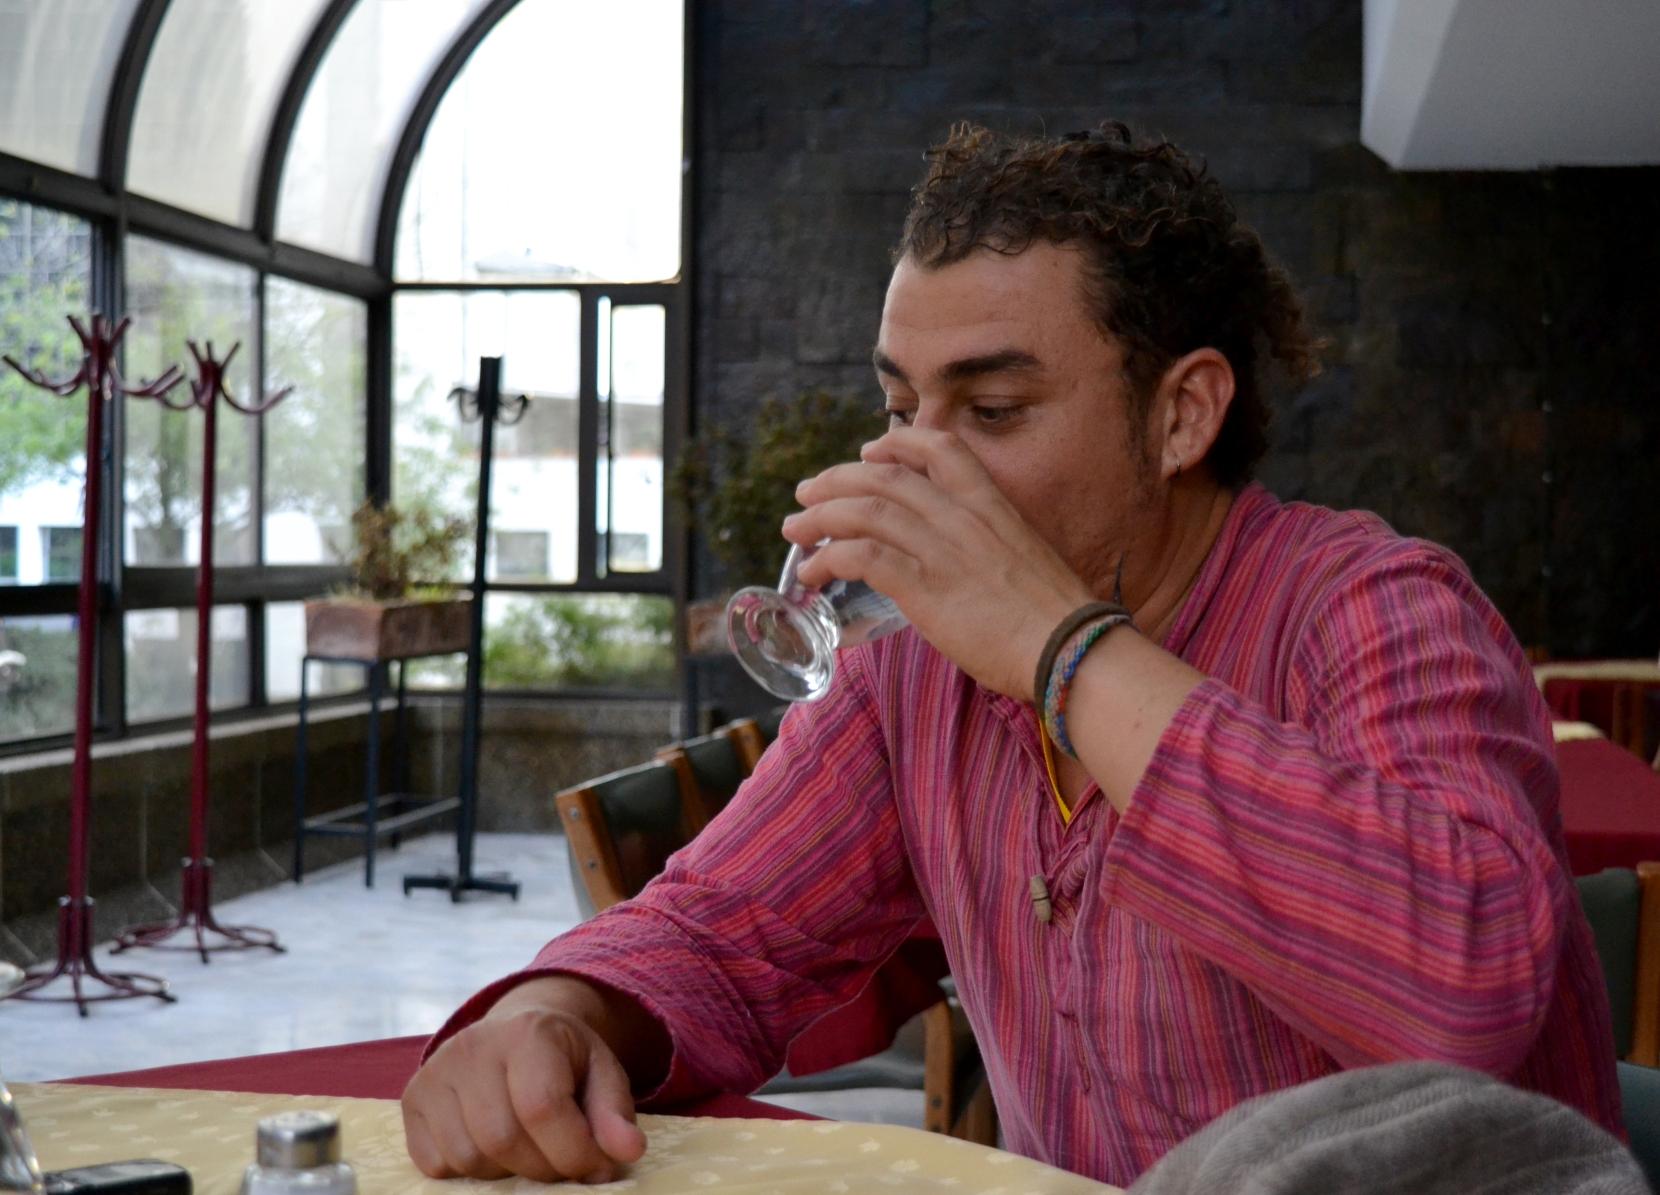 El poeta durante el XXVI Festival Internacional de Poesía de Medellín. Foto: Annabell Manjarrés Freyle.